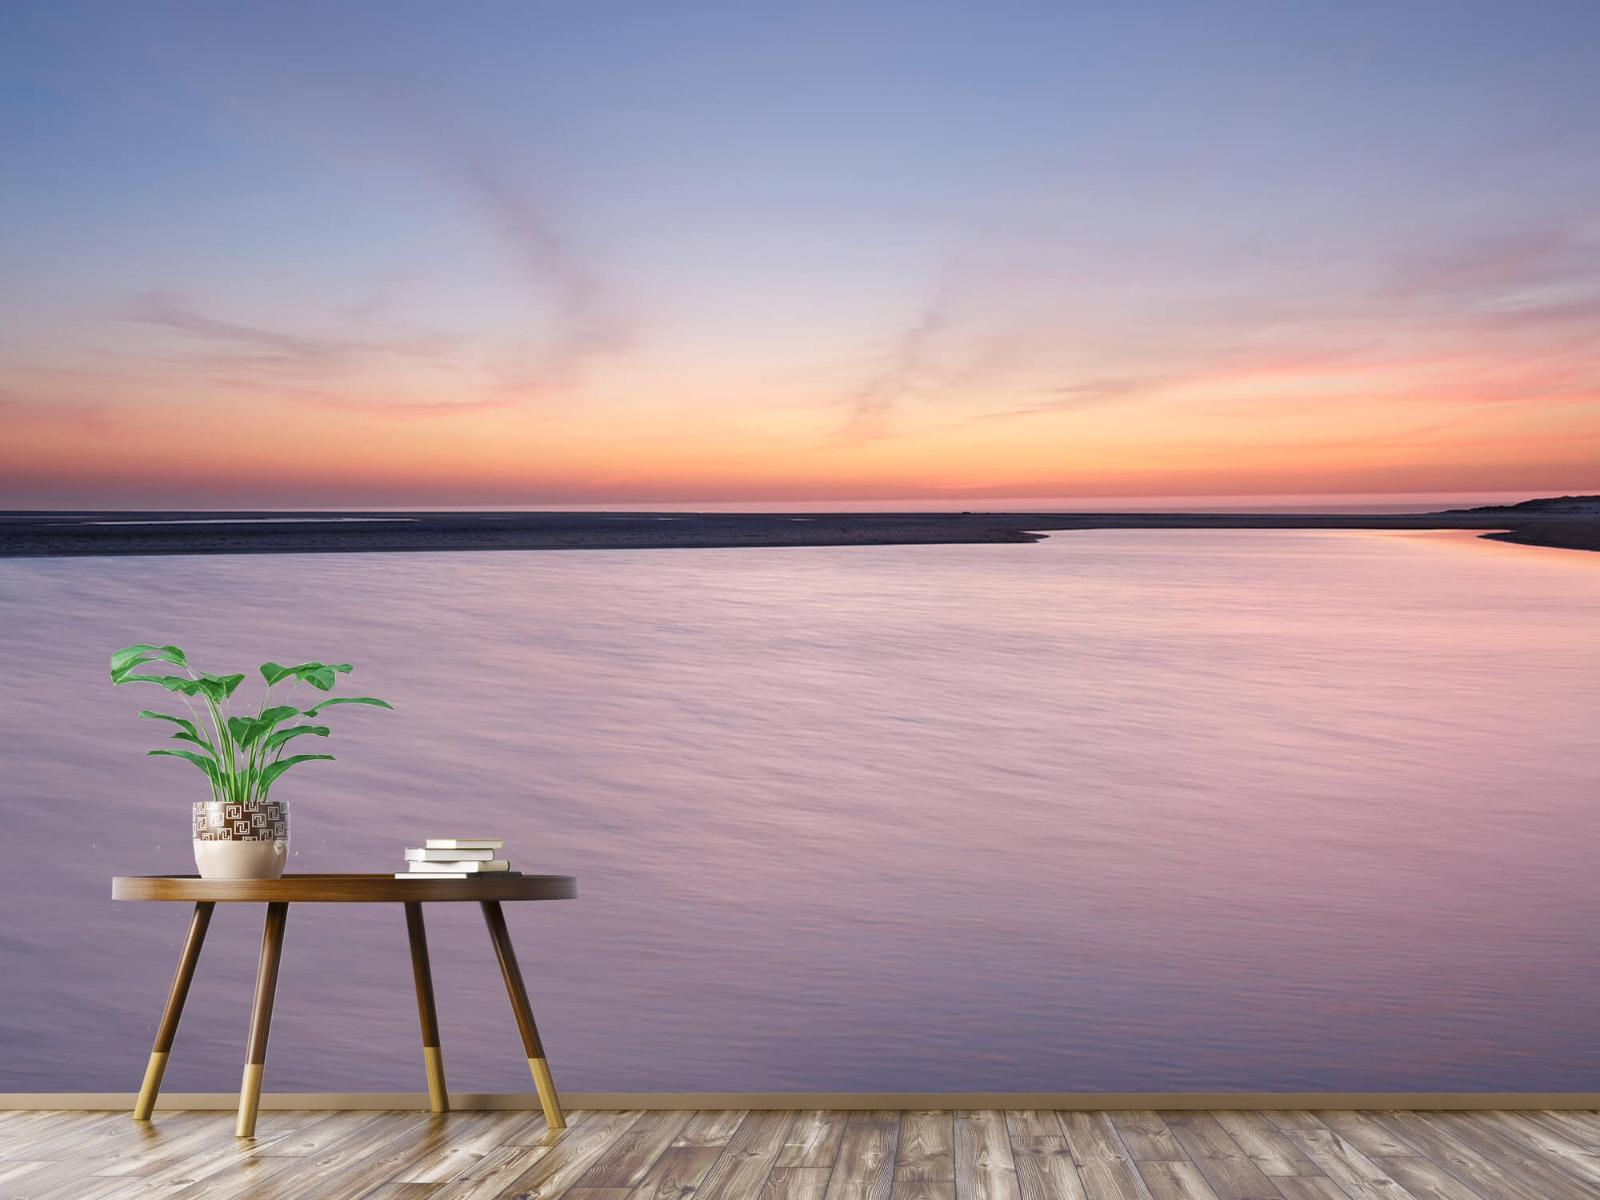 Zeeën en Oceanen - Zonsondergang aan zee - Slaapkamer 4